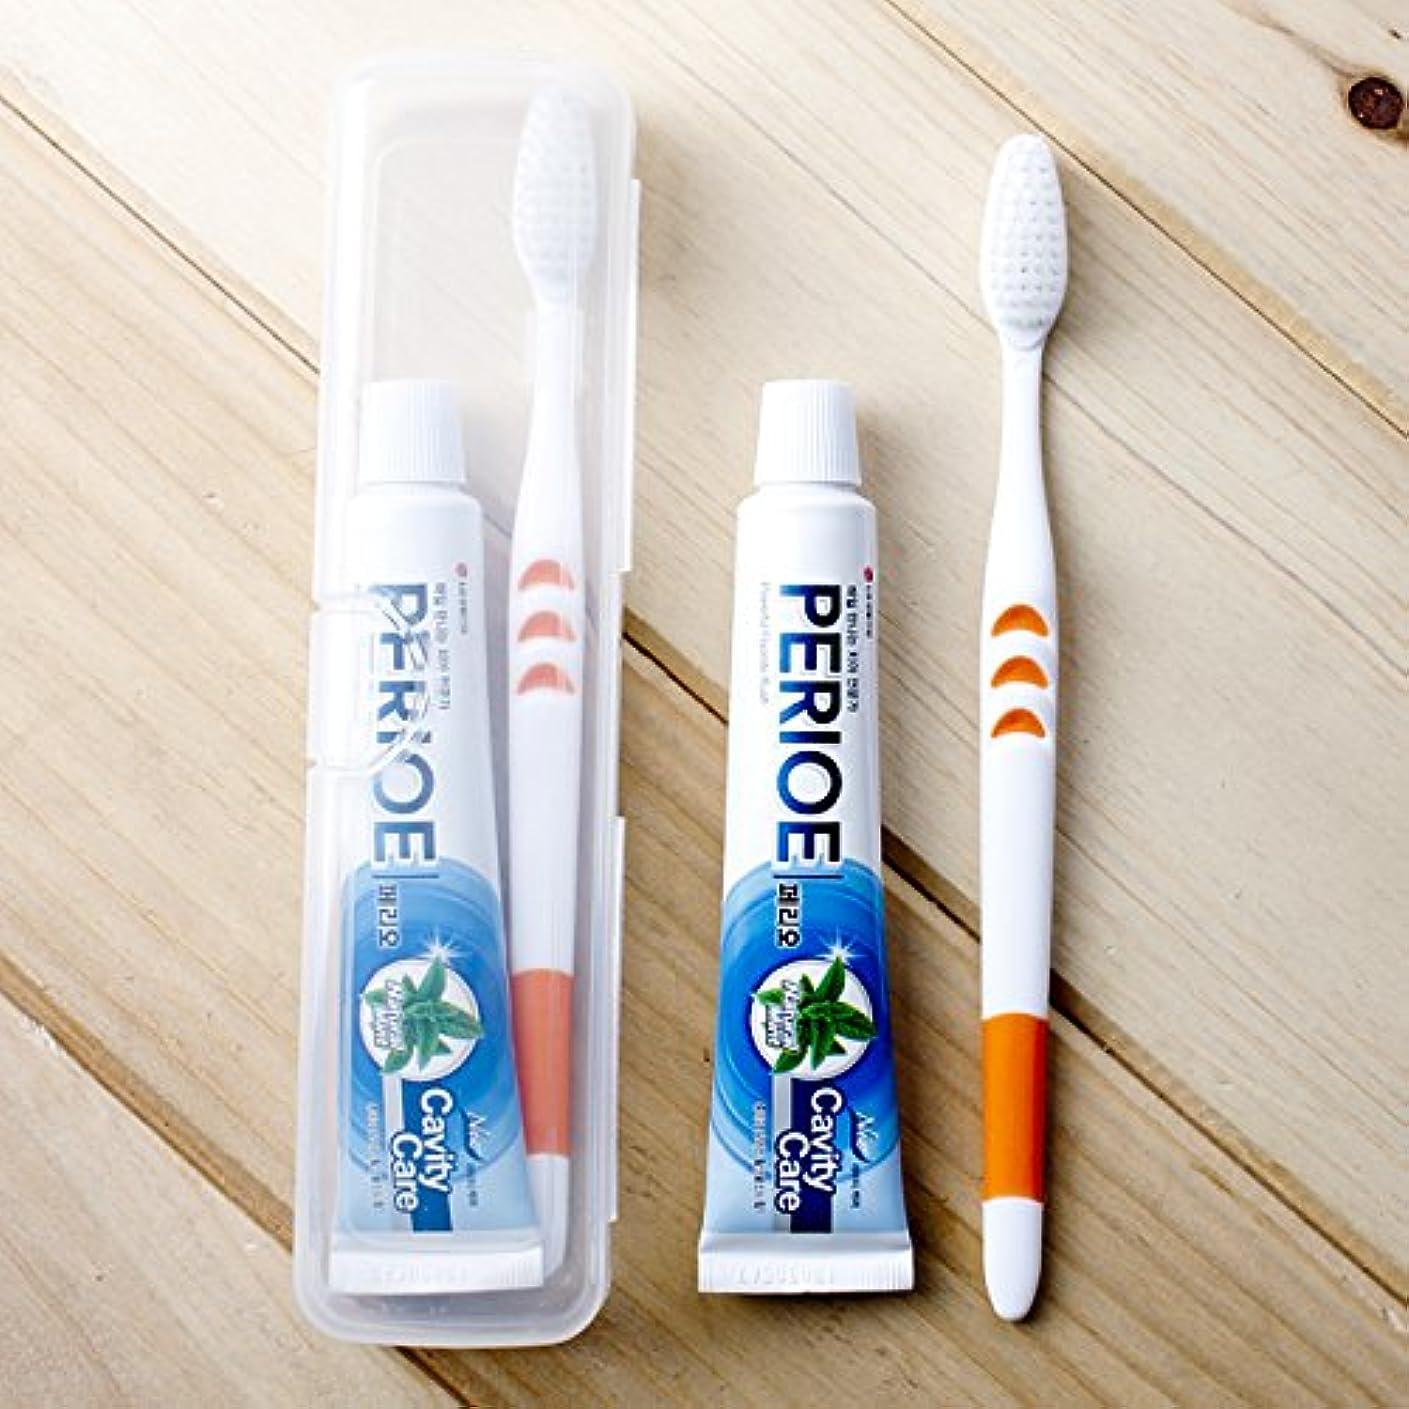 ワンダーブルゴーニュおとこVBMDoM 旅行歯ブラシキットセット x 2個 韓国製品 [並行輸入品]